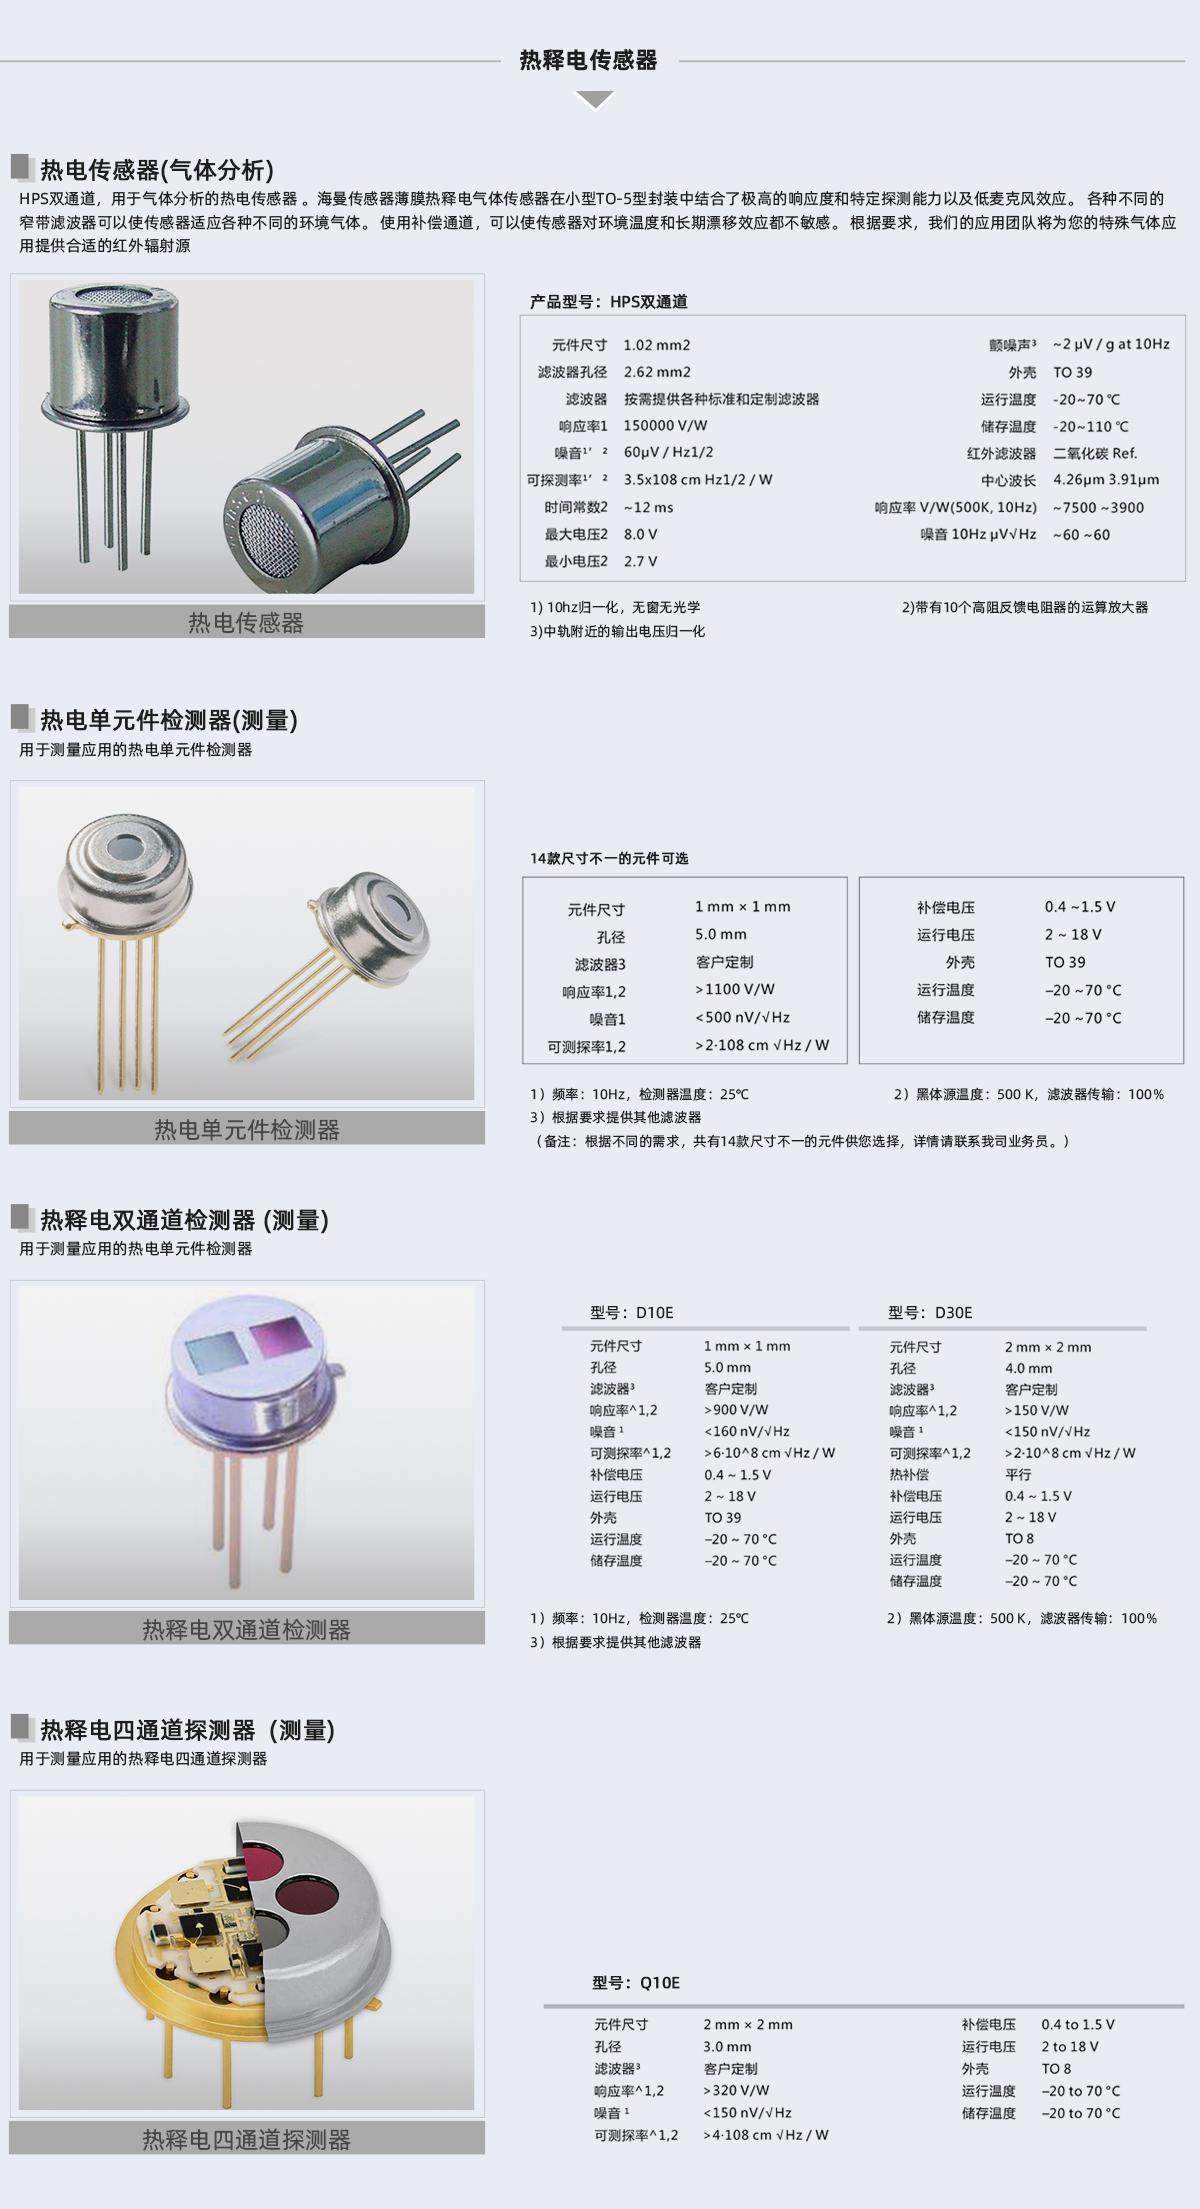 元器件參數圖_02-熱釋電傳感器.jpg